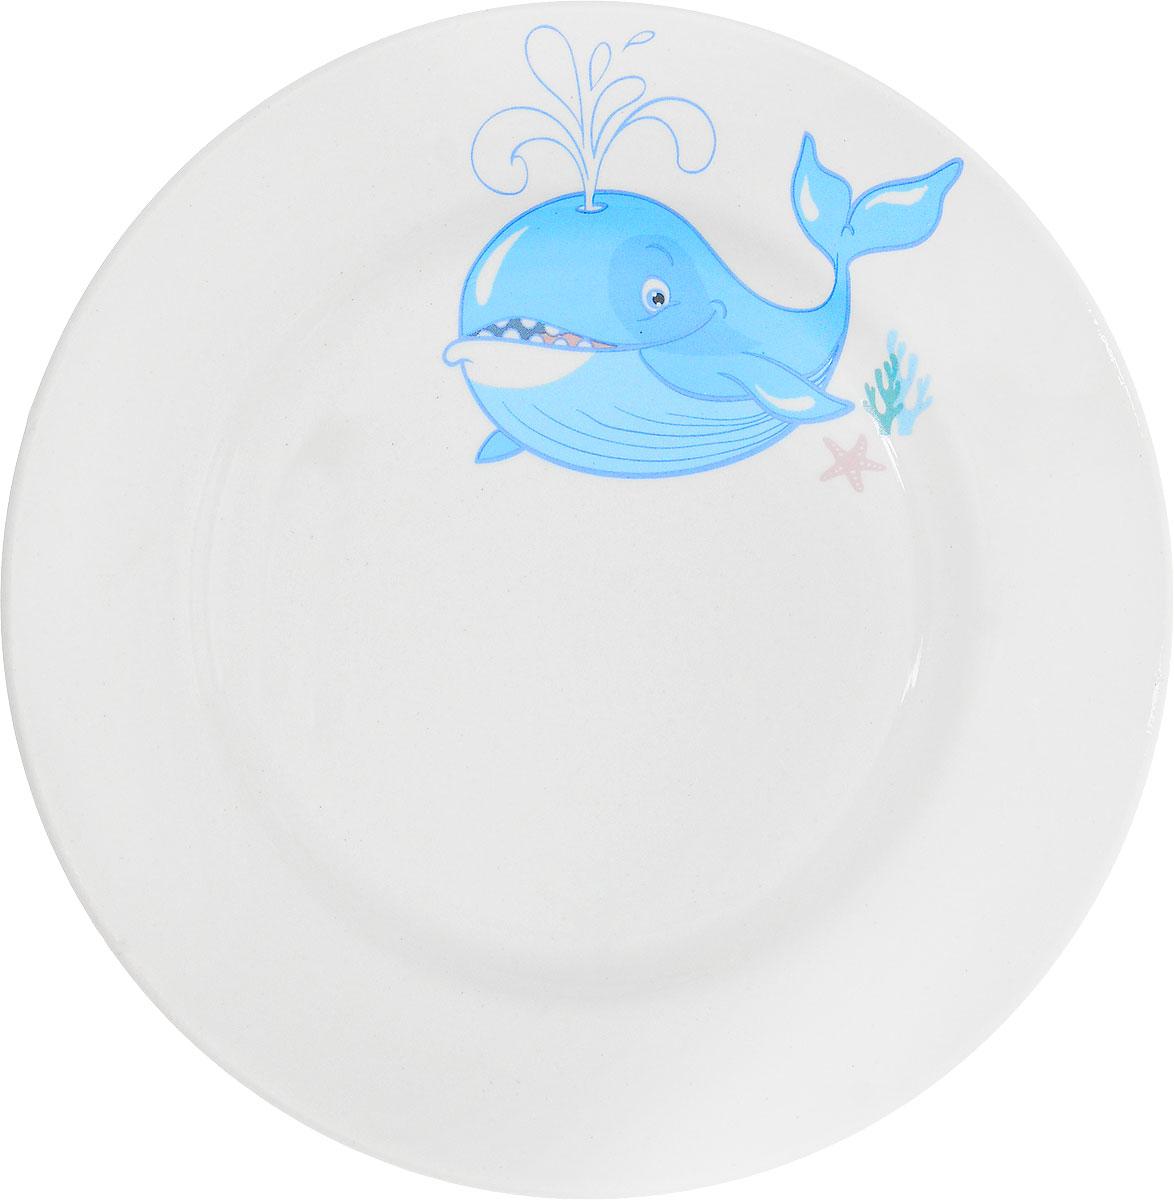 Кубаньфарфор Тарелка детская Море Кит1494980_китФаянсовая детская посуда с забавным рисунком понравится каждому малышу. Изделие из качественного материала станет правильным выбором для повседневной эксплуатации и поможет превратить каждый прием пищи в радостное приключение. Особенности: - простота мойки, - стойкость к запахам, - насыщенный цвет. Уважаемые клиенты! Обращаем ваше внимание на ассортимент рисунков на тарелке. Поставка осуществляется в зависимости от наличия на складе.